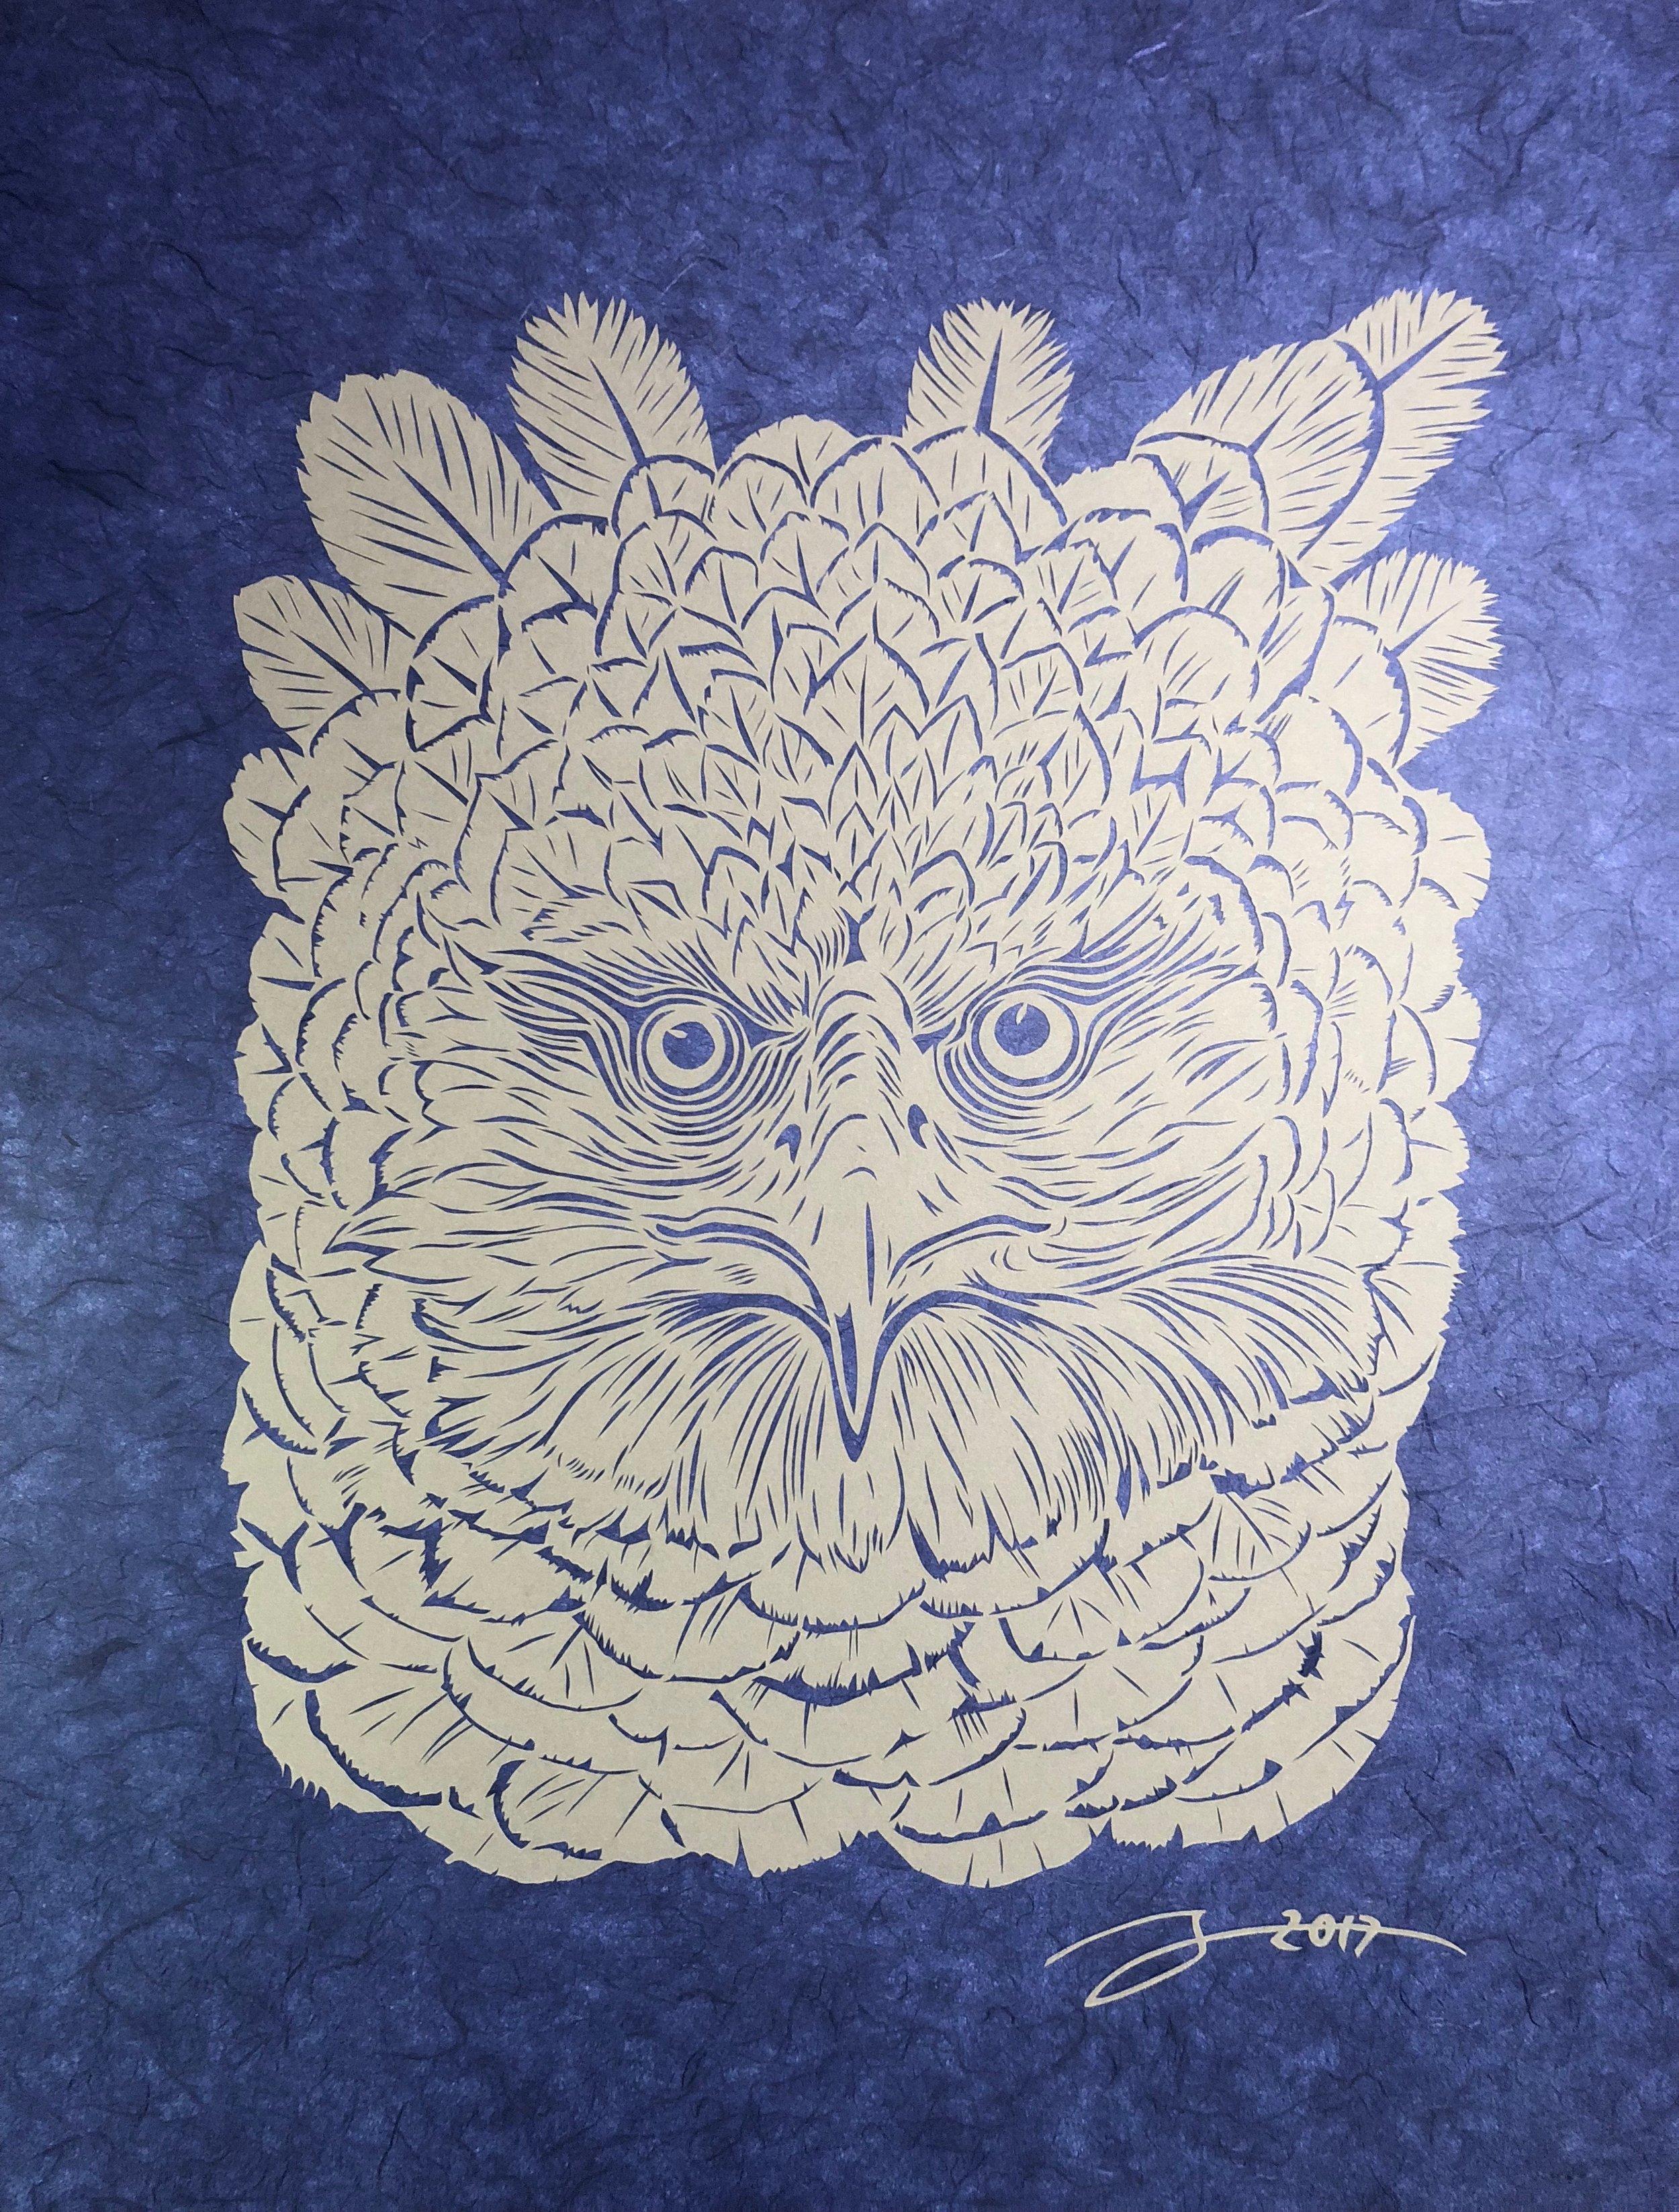 Harpy Eagle No. 1